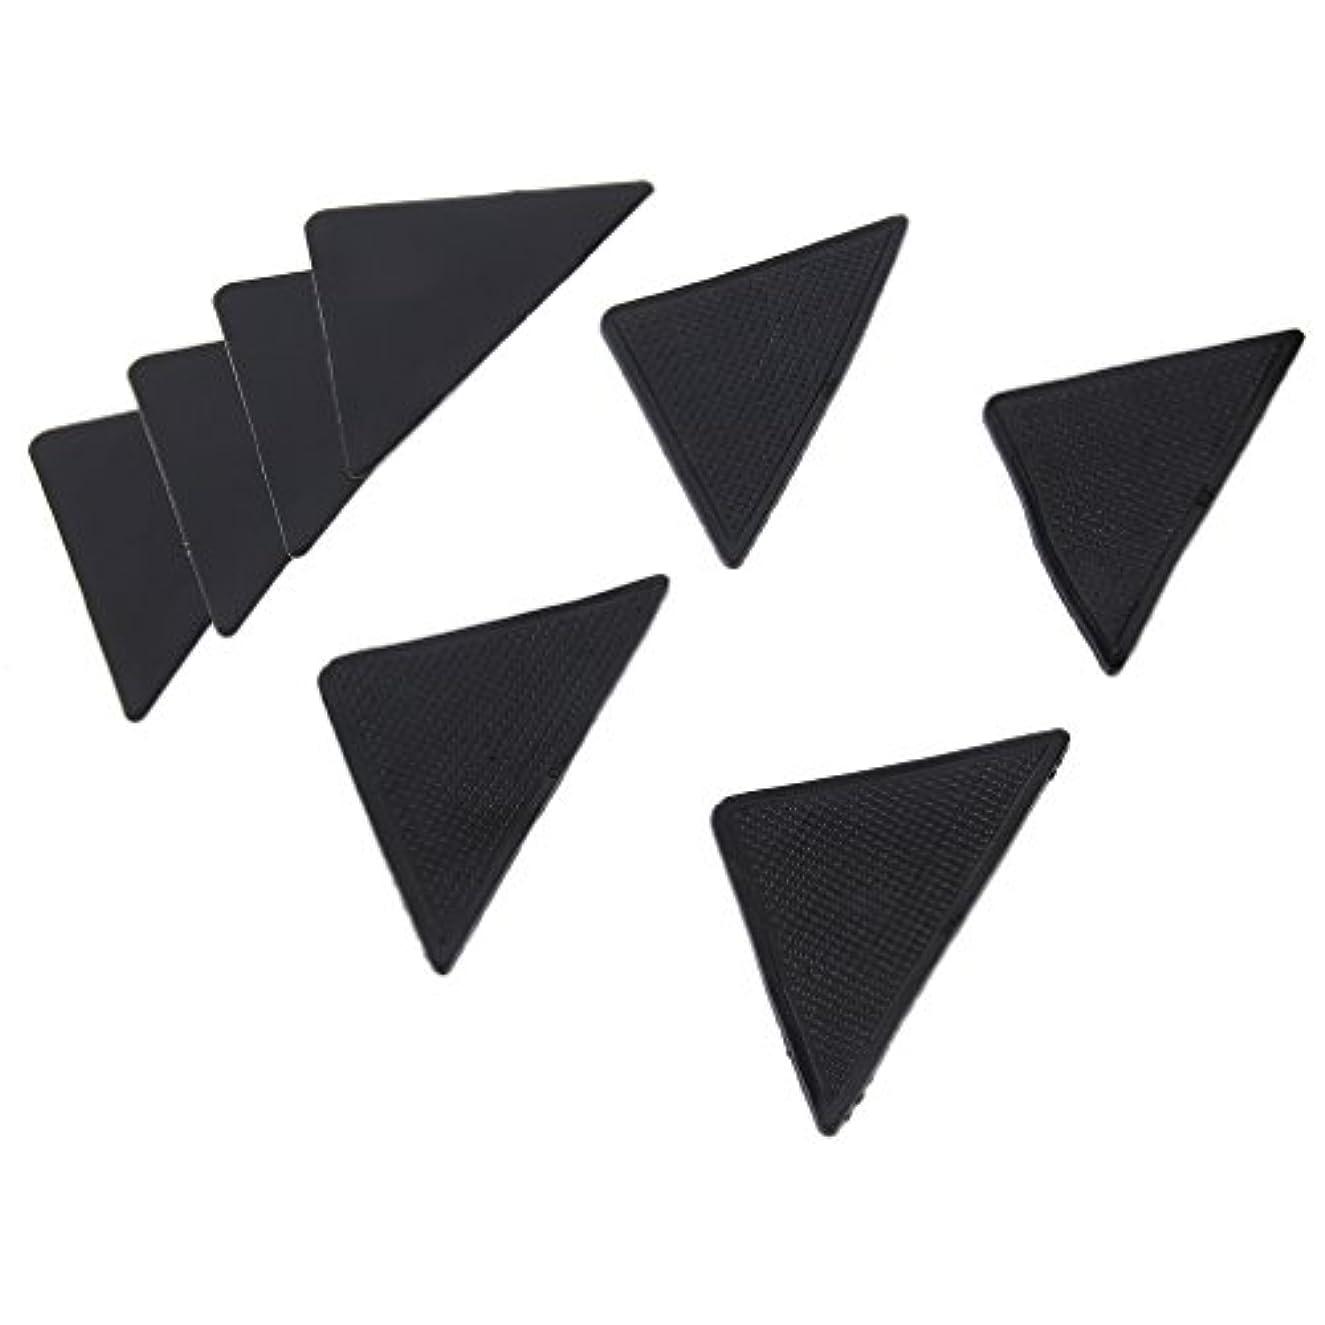 教科書バリアメカニック4 pcs Rug Carpet Mat Grippers Non Slip Anti Skid Reusable Silicone Grip Pads